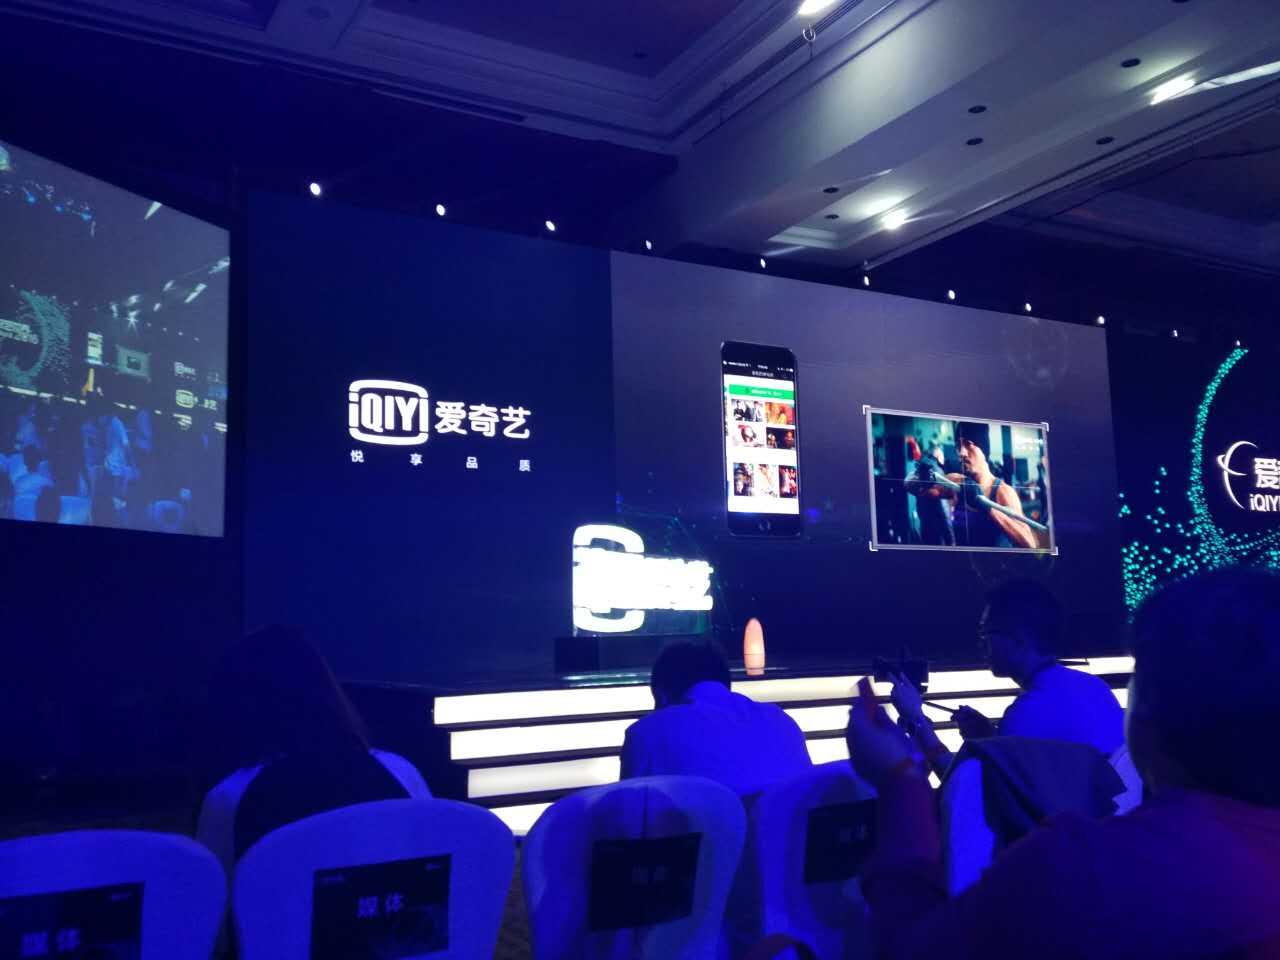 爱奇艺发布最新iVR战略,希望未来一年拥有1000万VR用户